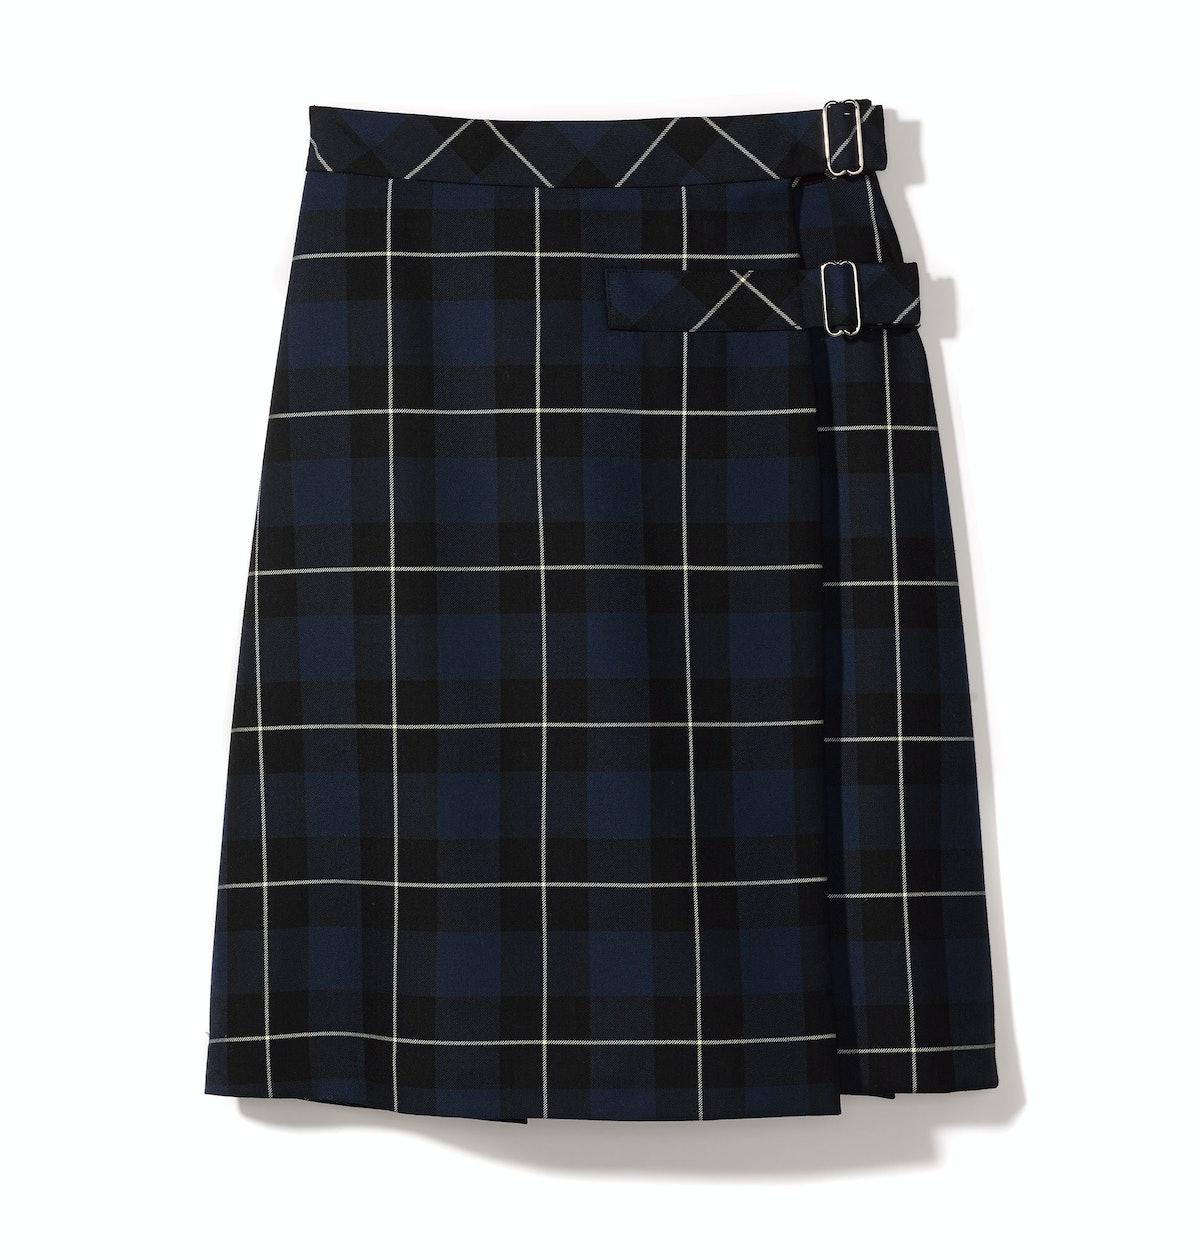 Trademark skirt